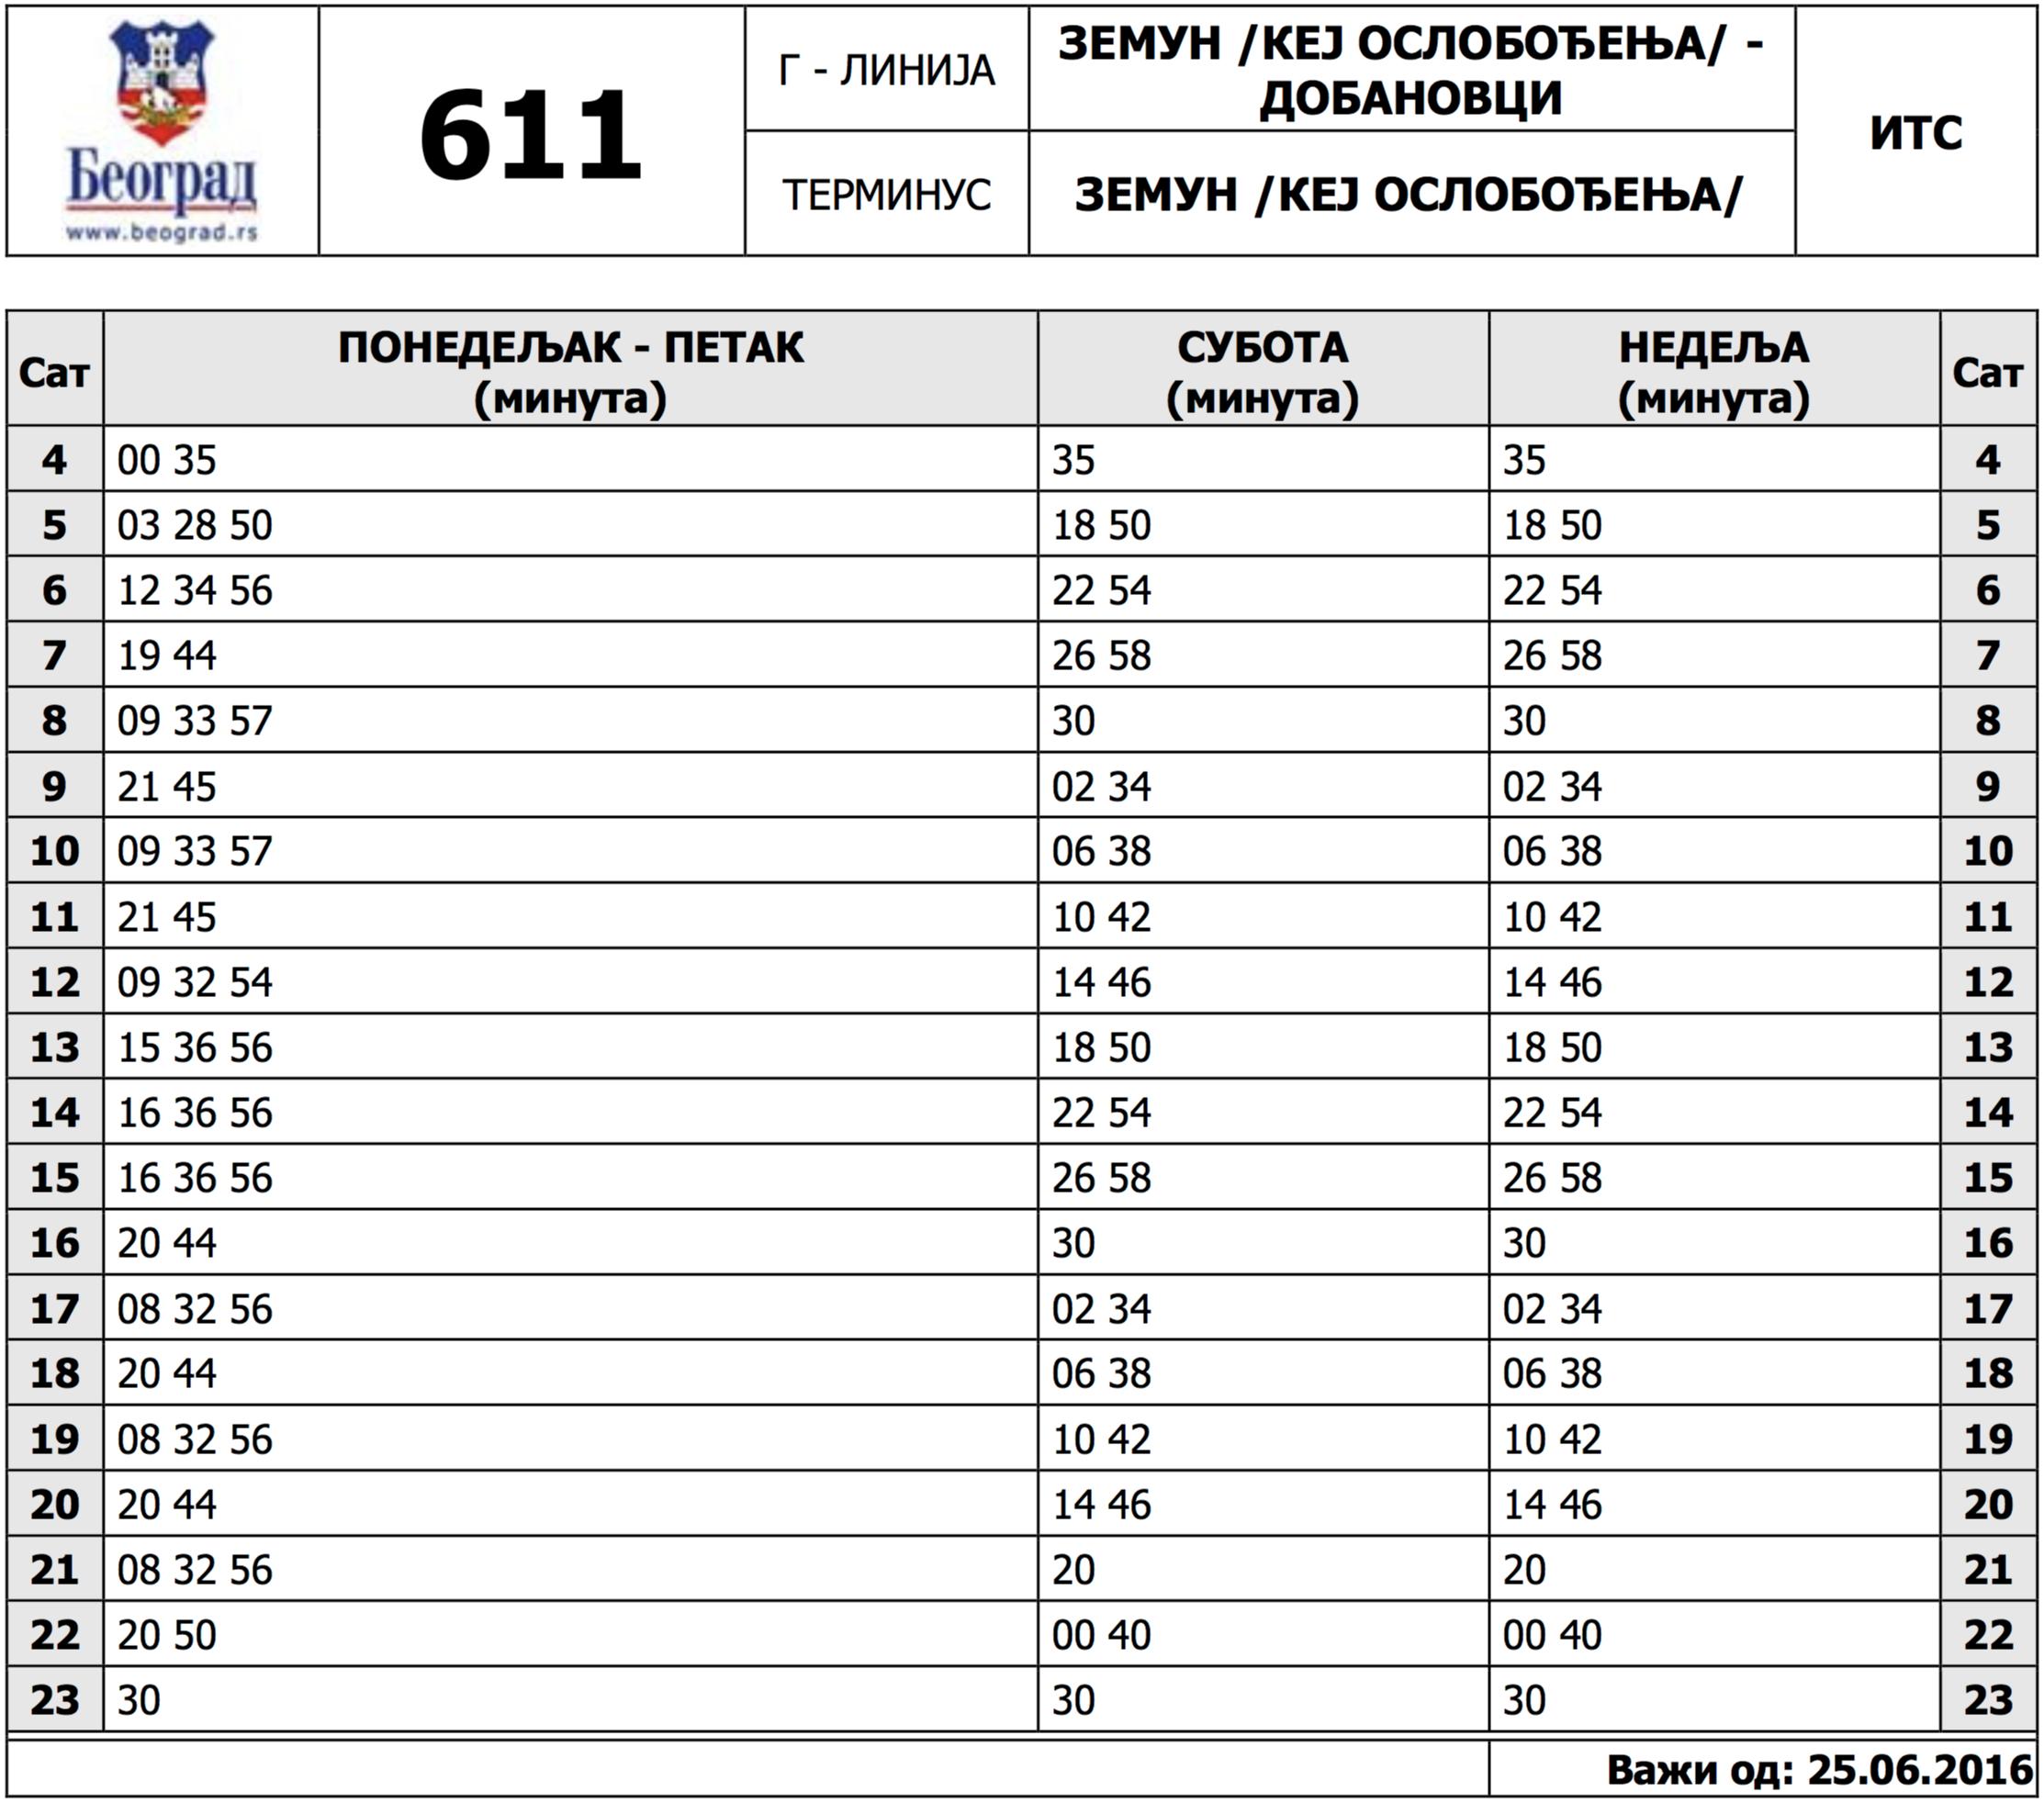 Red Vožnje - Linija 611 - Zemun (Kej Oslobođenja) - Dobanovci